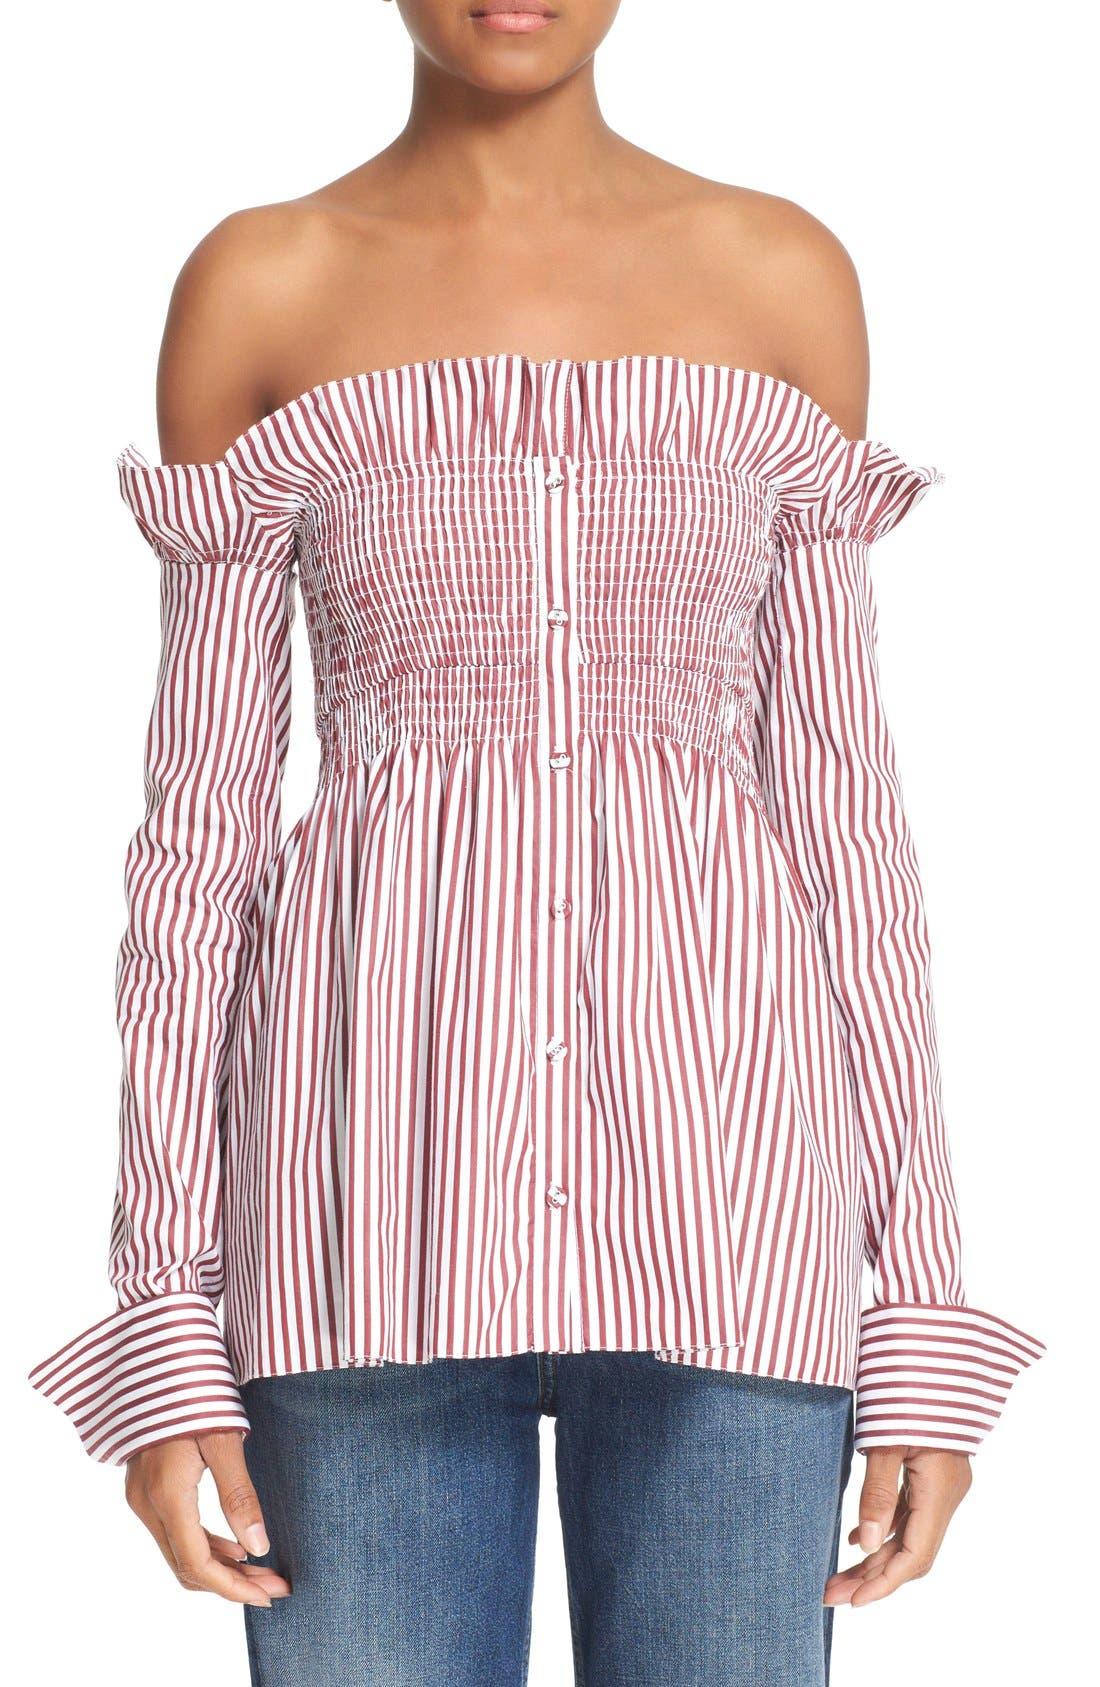 Alternate Image 1 Selected - Victoria, Victoria Beckham Off the Shoulder Smocked Shirt